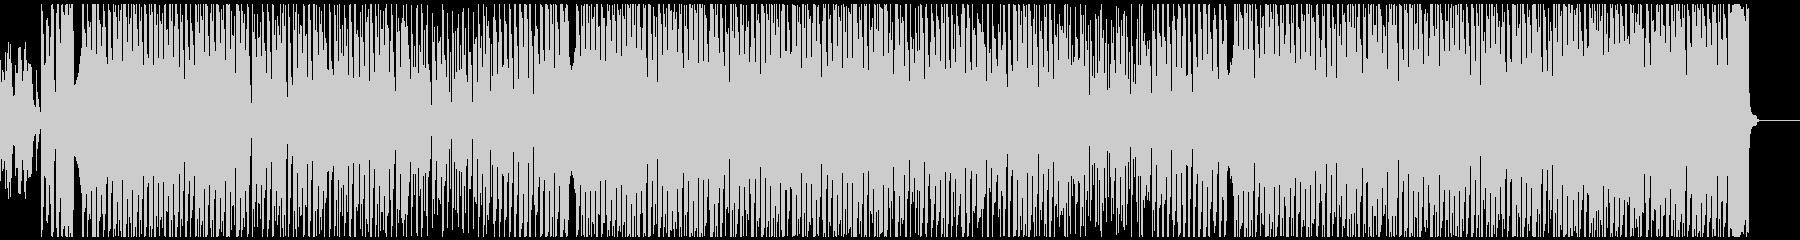 ほのぼの可愛いエレクトロなポップスの未再生の波形